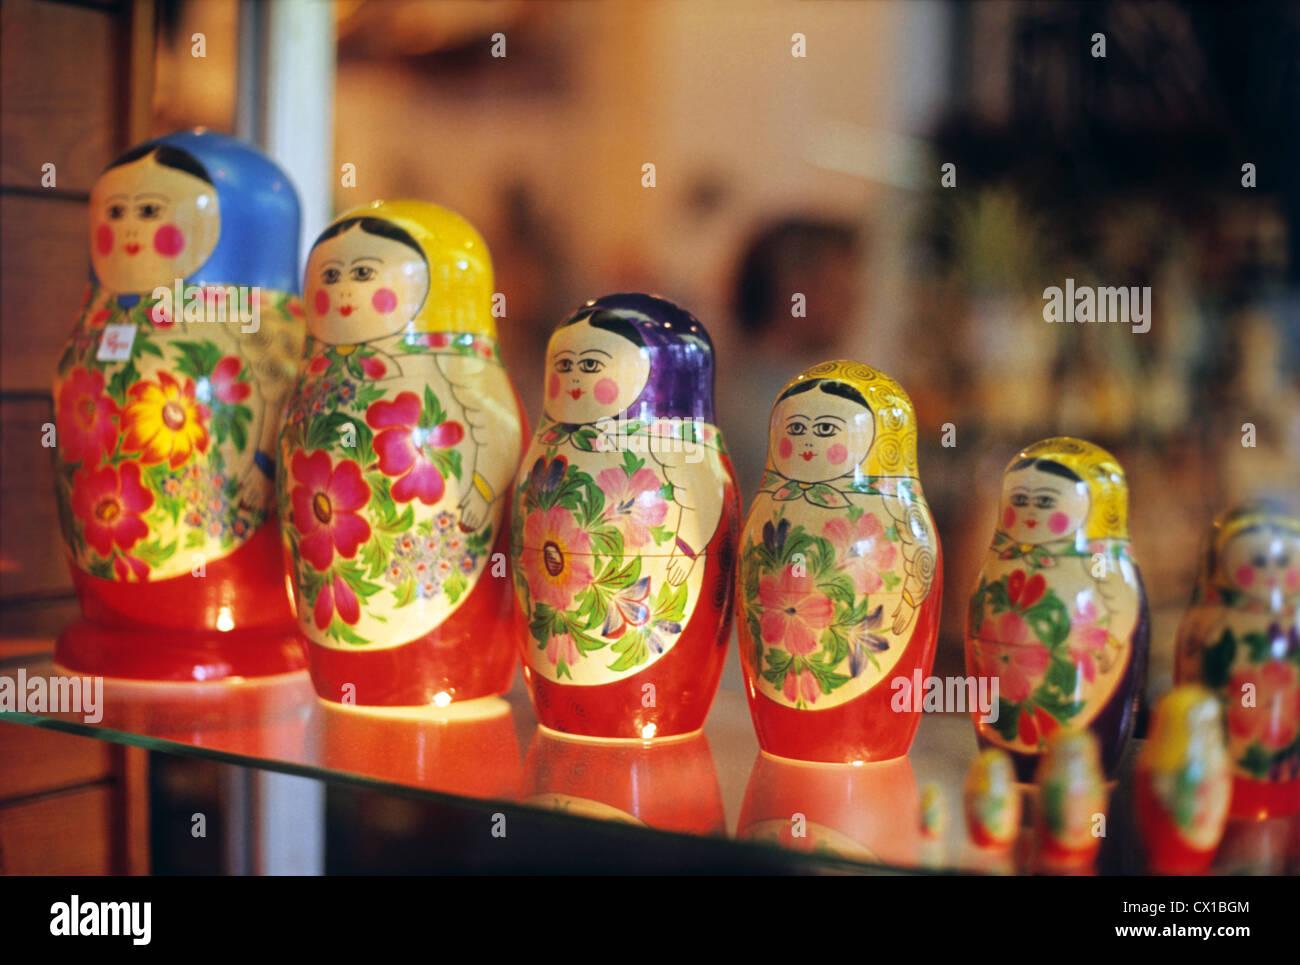 Londres. La Grande-Bretagne. Des poupées russes dans un magasin de souvenirs (Holborn Street). TASS Photo / Viktor Banque D'Images